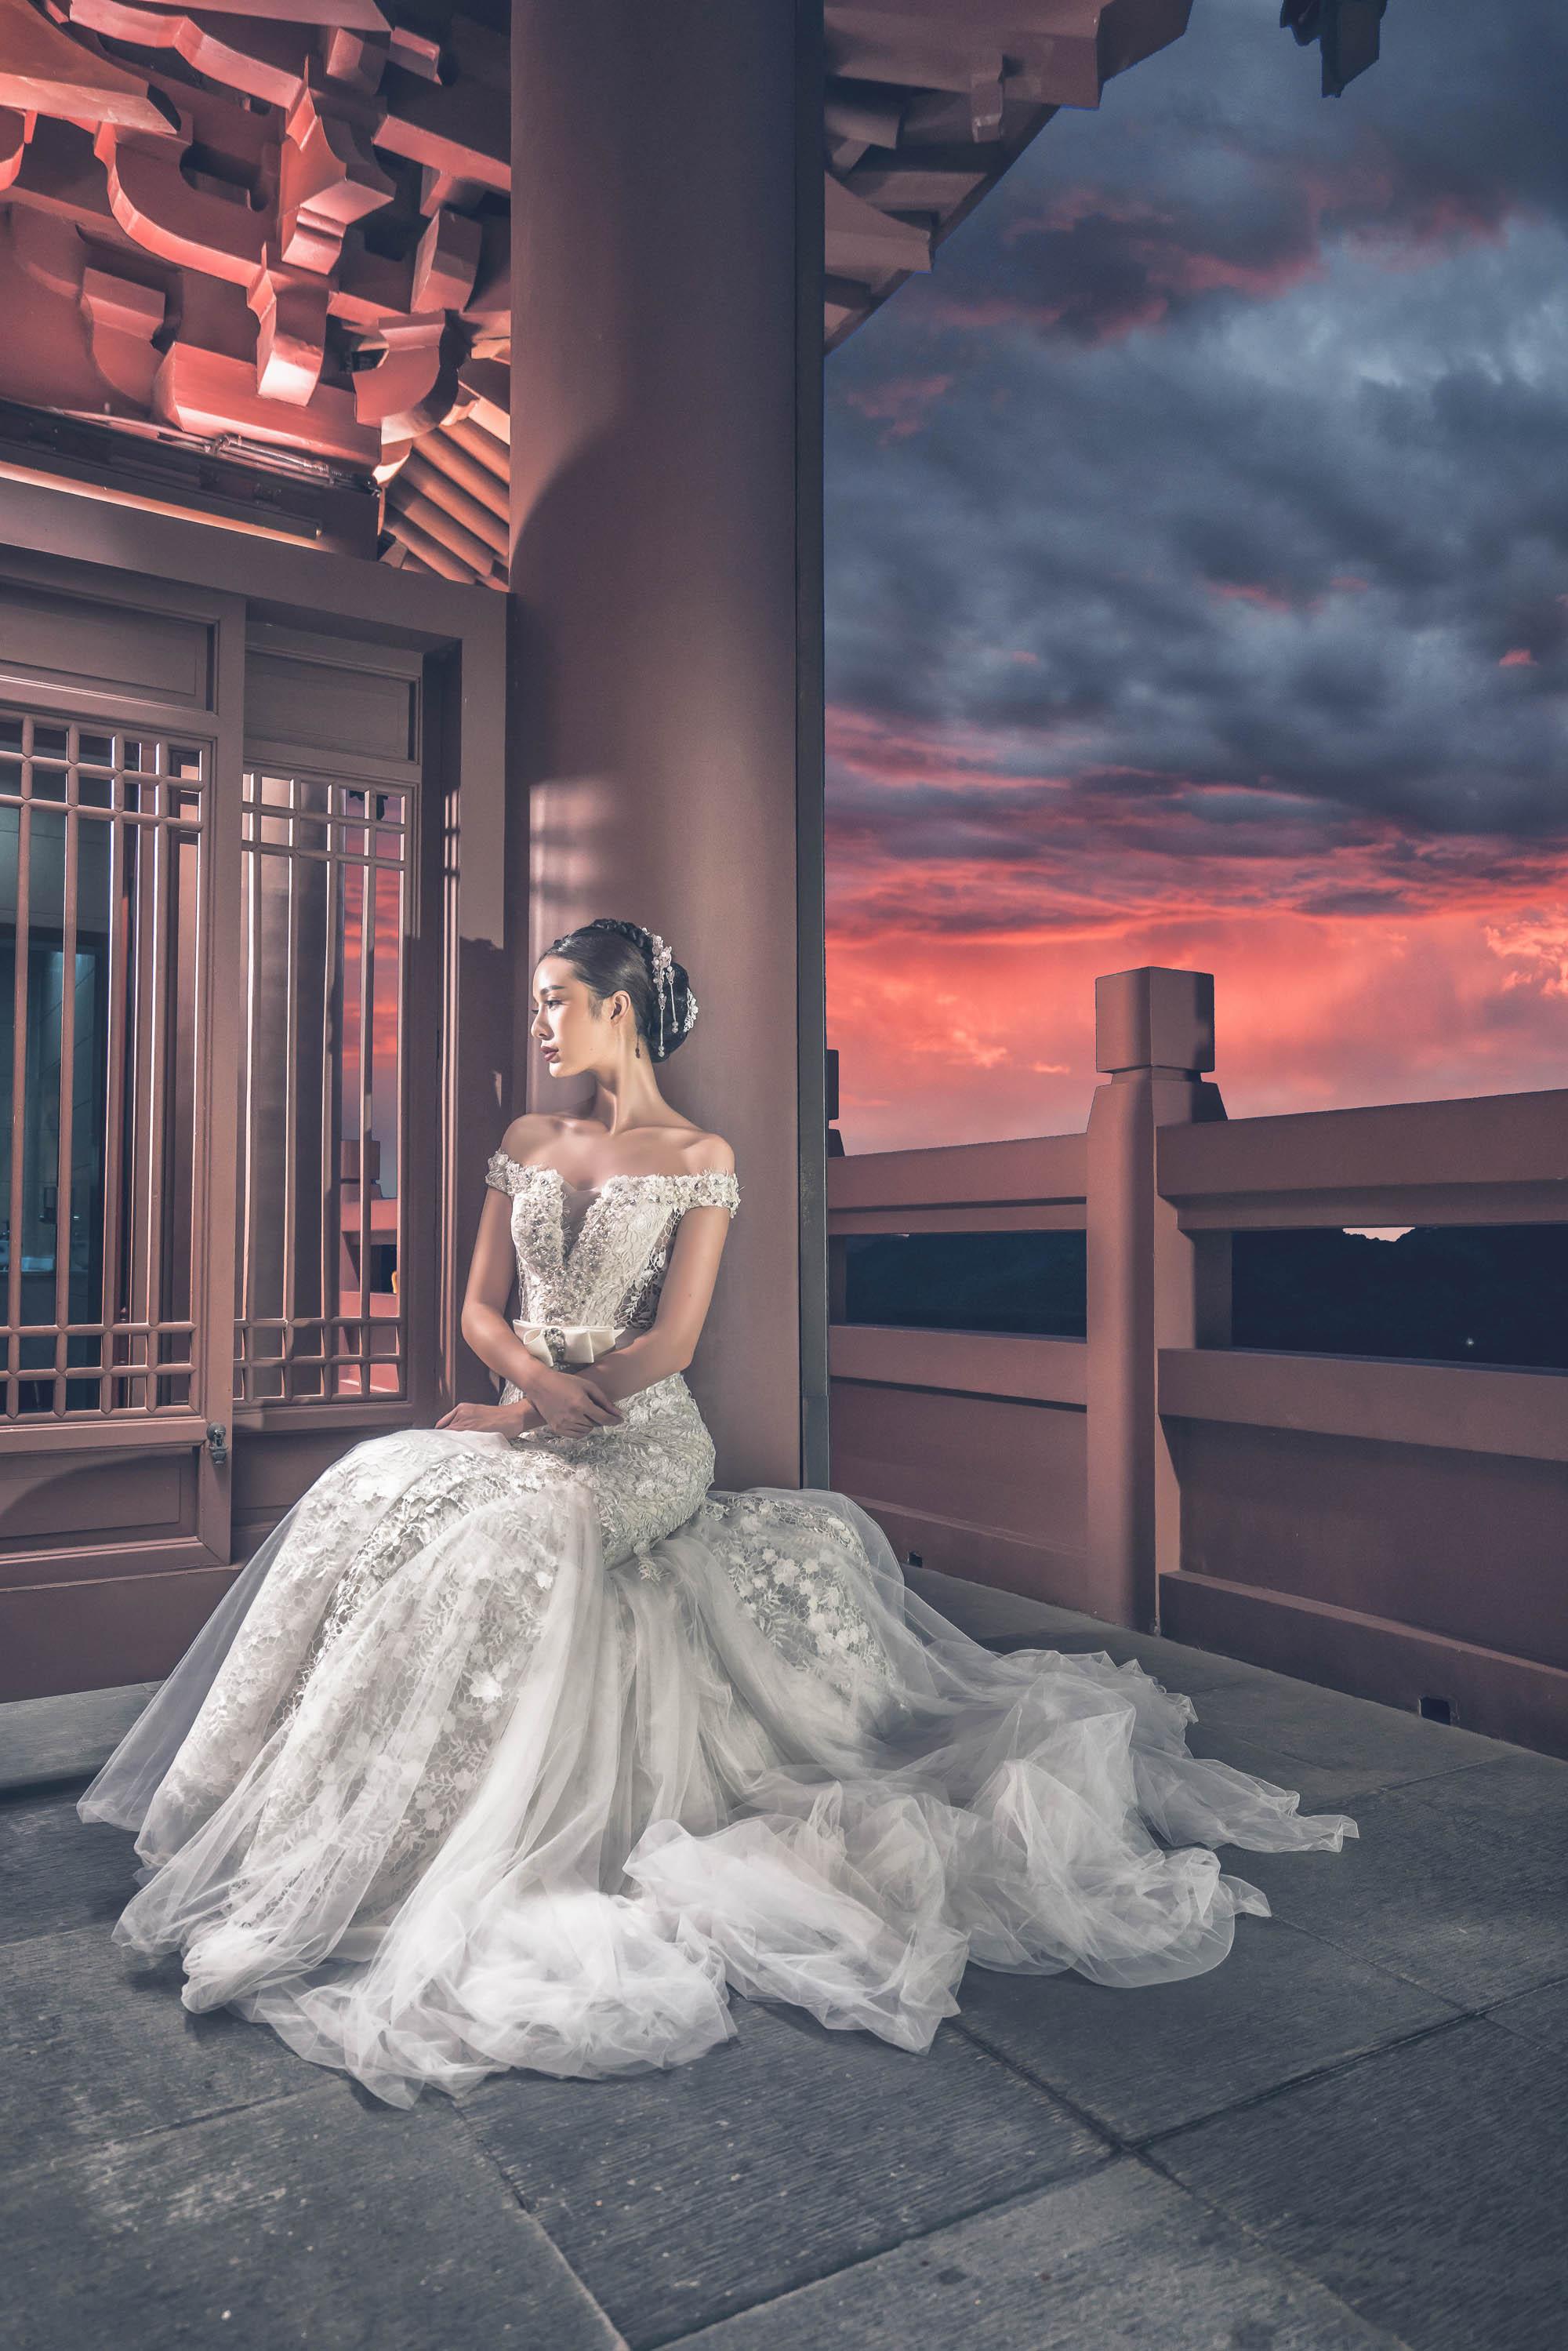 bridal-portrait-on-chinese-pagoda-balcony-worlds-best-wedding-photos-cm-leung-china-wedding-photographers